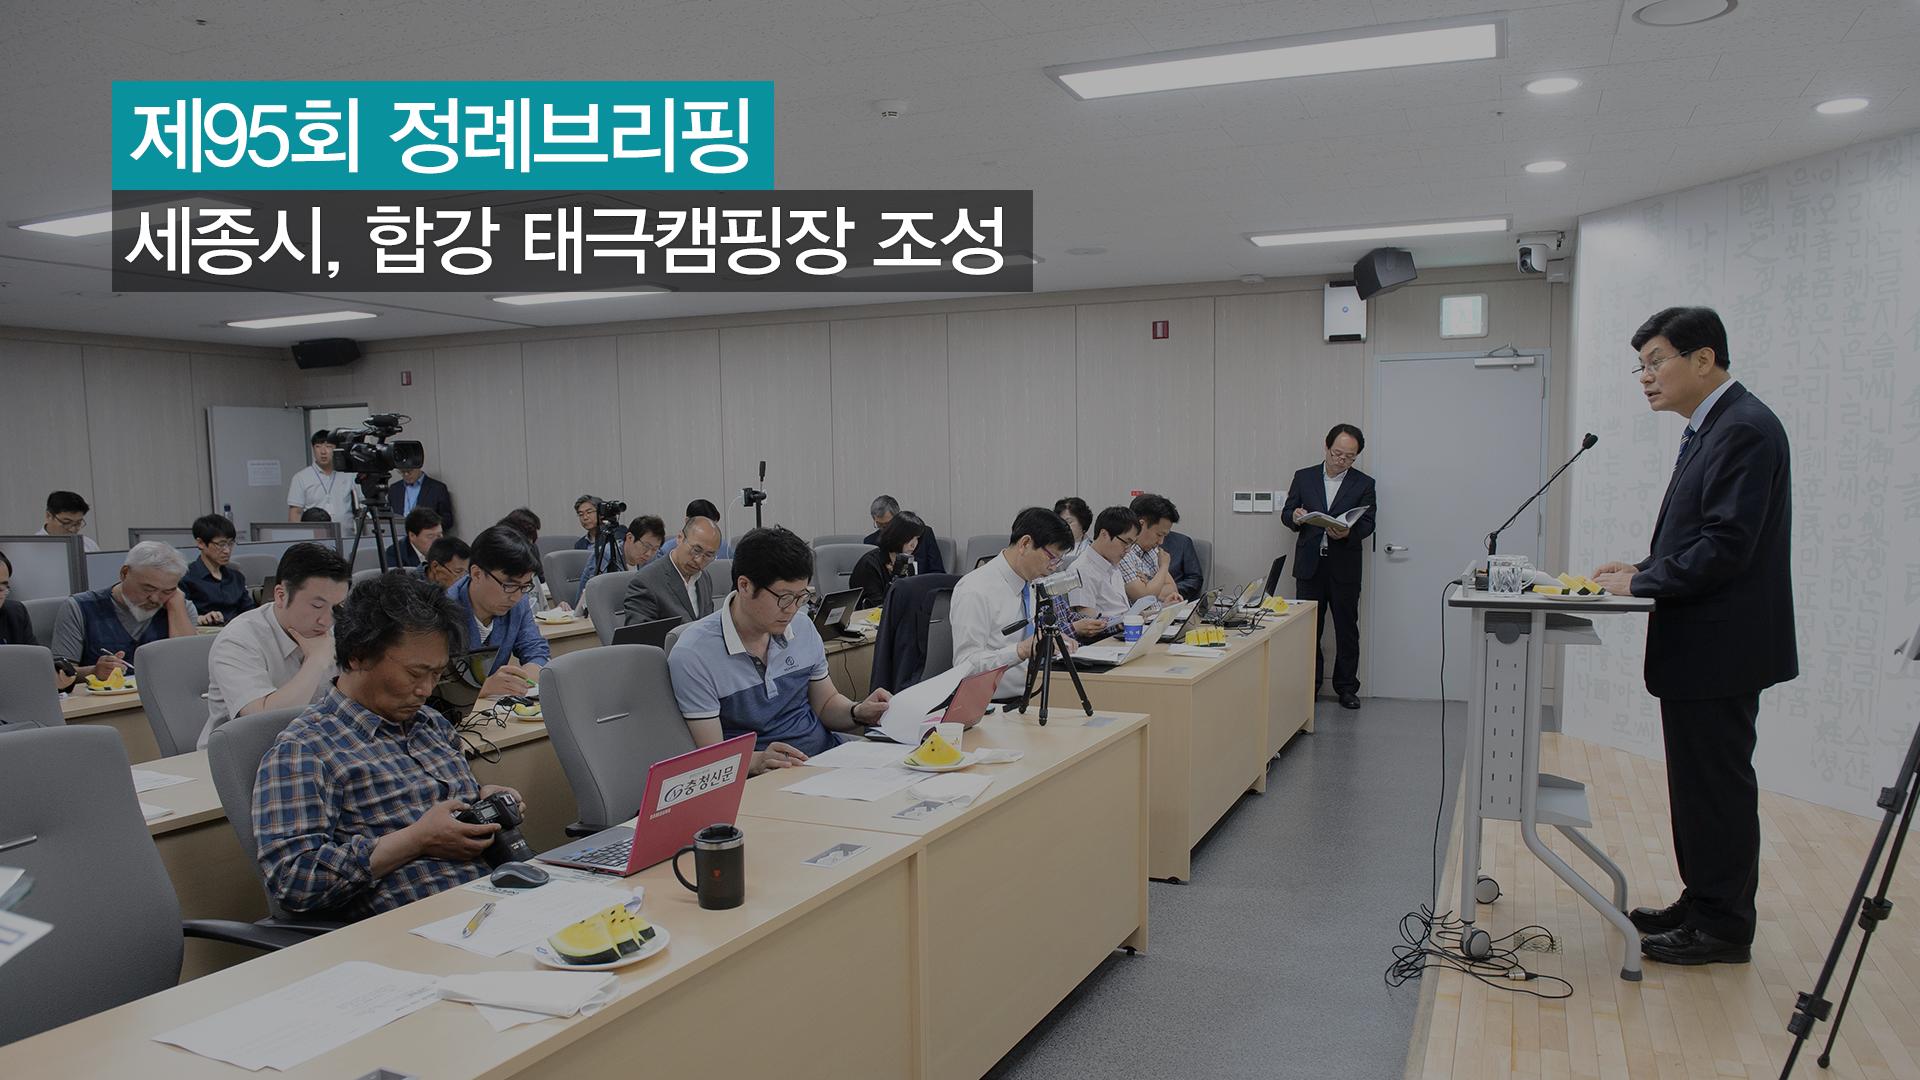 <95회 정례브리핑> 세종시, 합강 태극캠핑장 조성